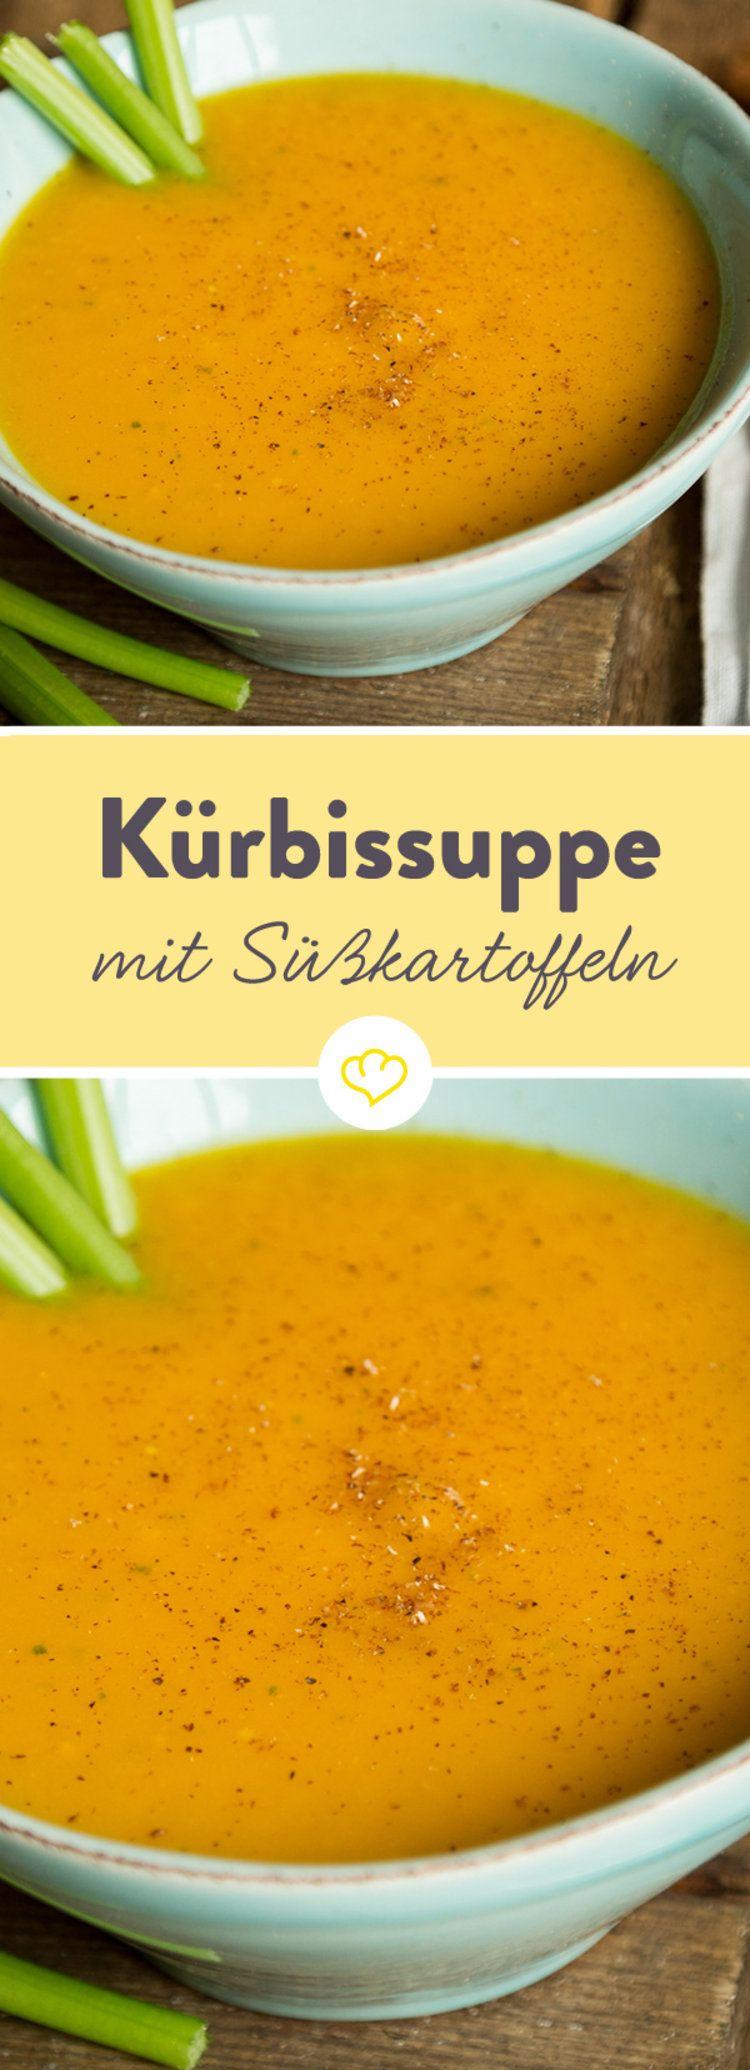 Was ergeben Kürbis und Süßkartoffel? Eine wunderbar sämige Suppe, die dich mit ihrer leichten Süße und einem Hauch Zimt an kalten Tagen fröhlich stimmt. #kartoffelrosenrezept